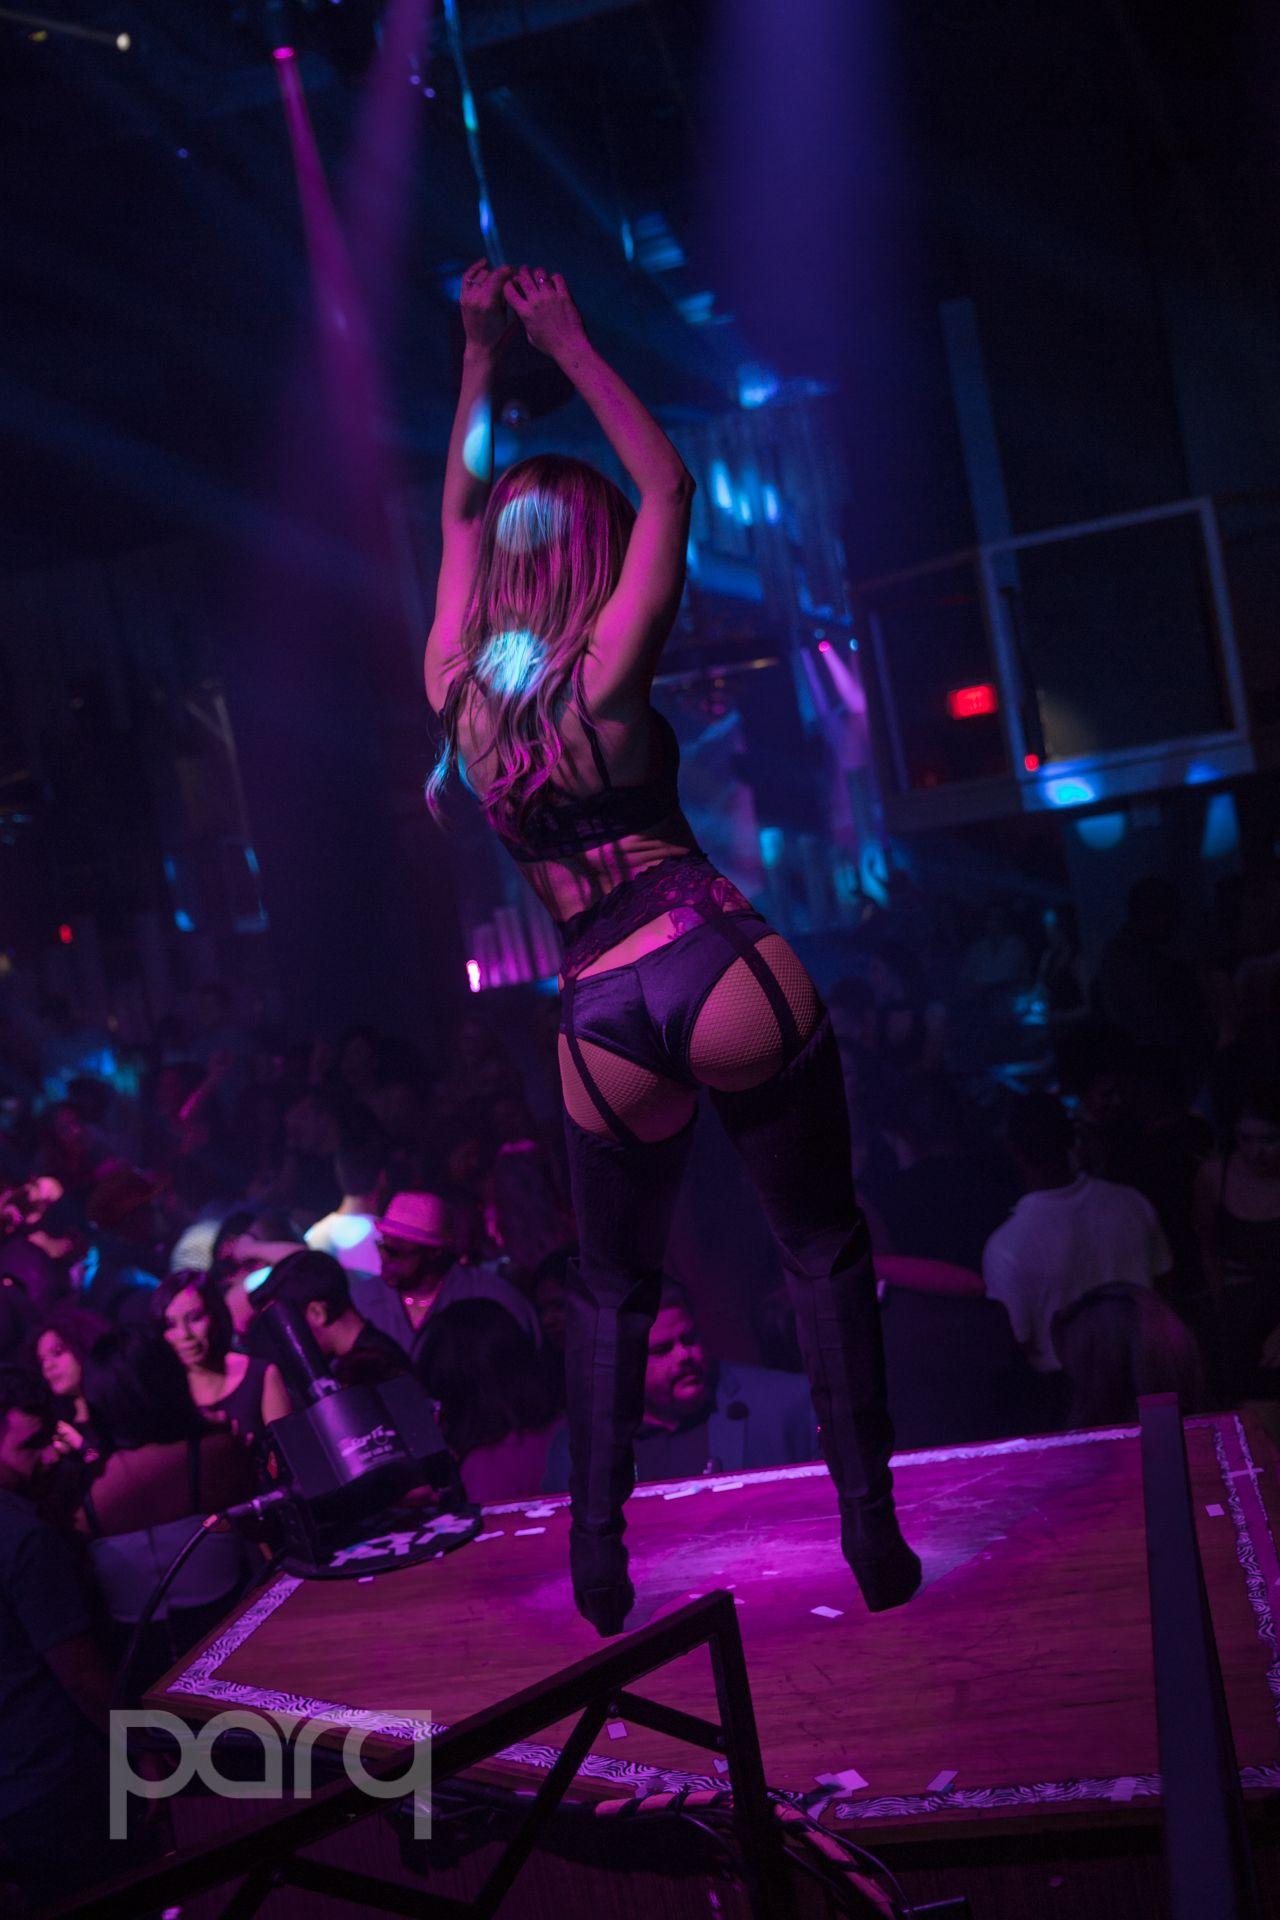 San-Diego-Nightclub-DJ Obscene-29.jpg